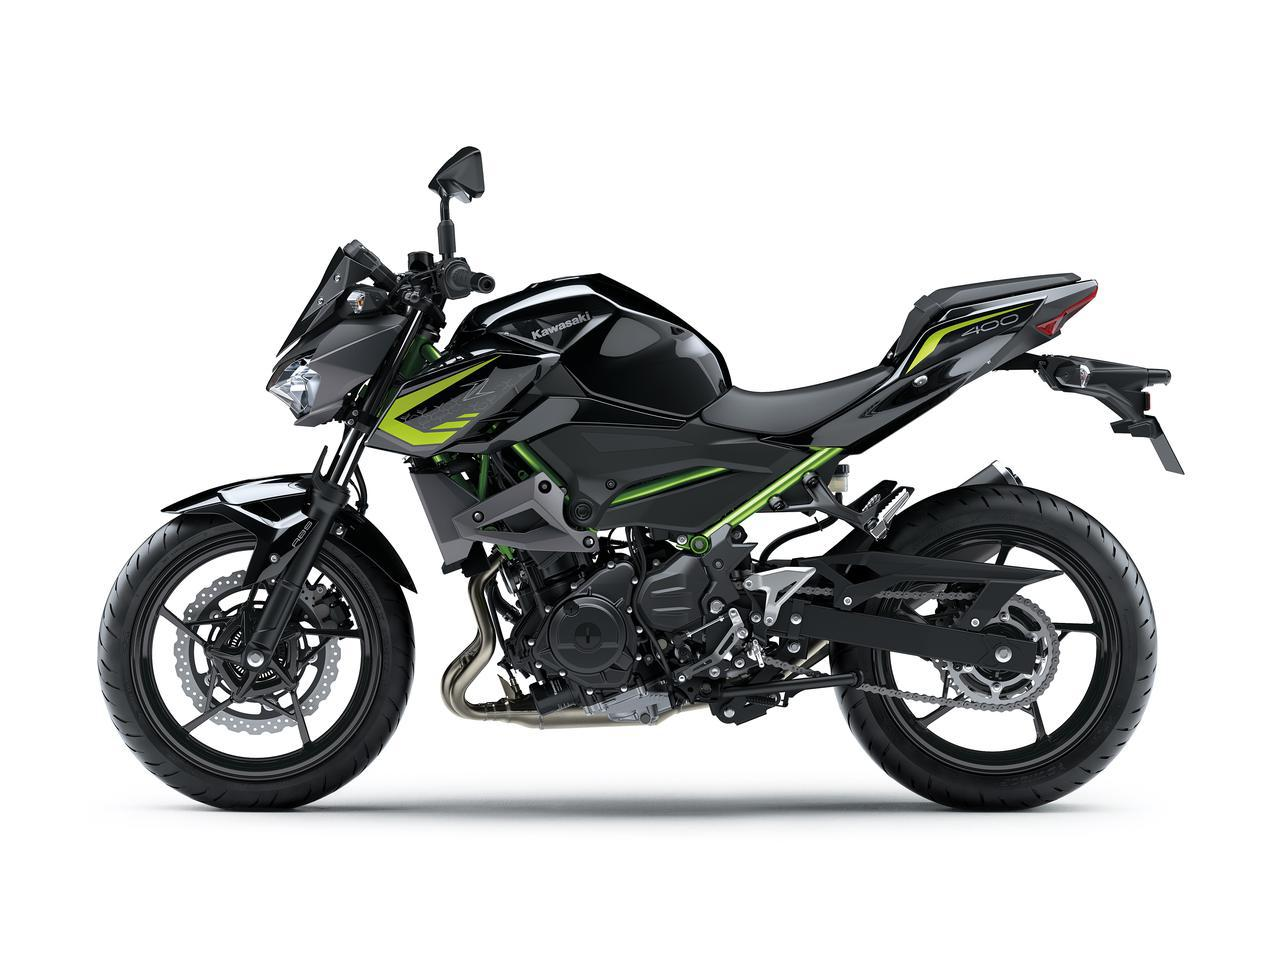 画像9: カワサキが「Z400」の2021年モデルを発売! ライムグリーンが再び登場【2021速報】